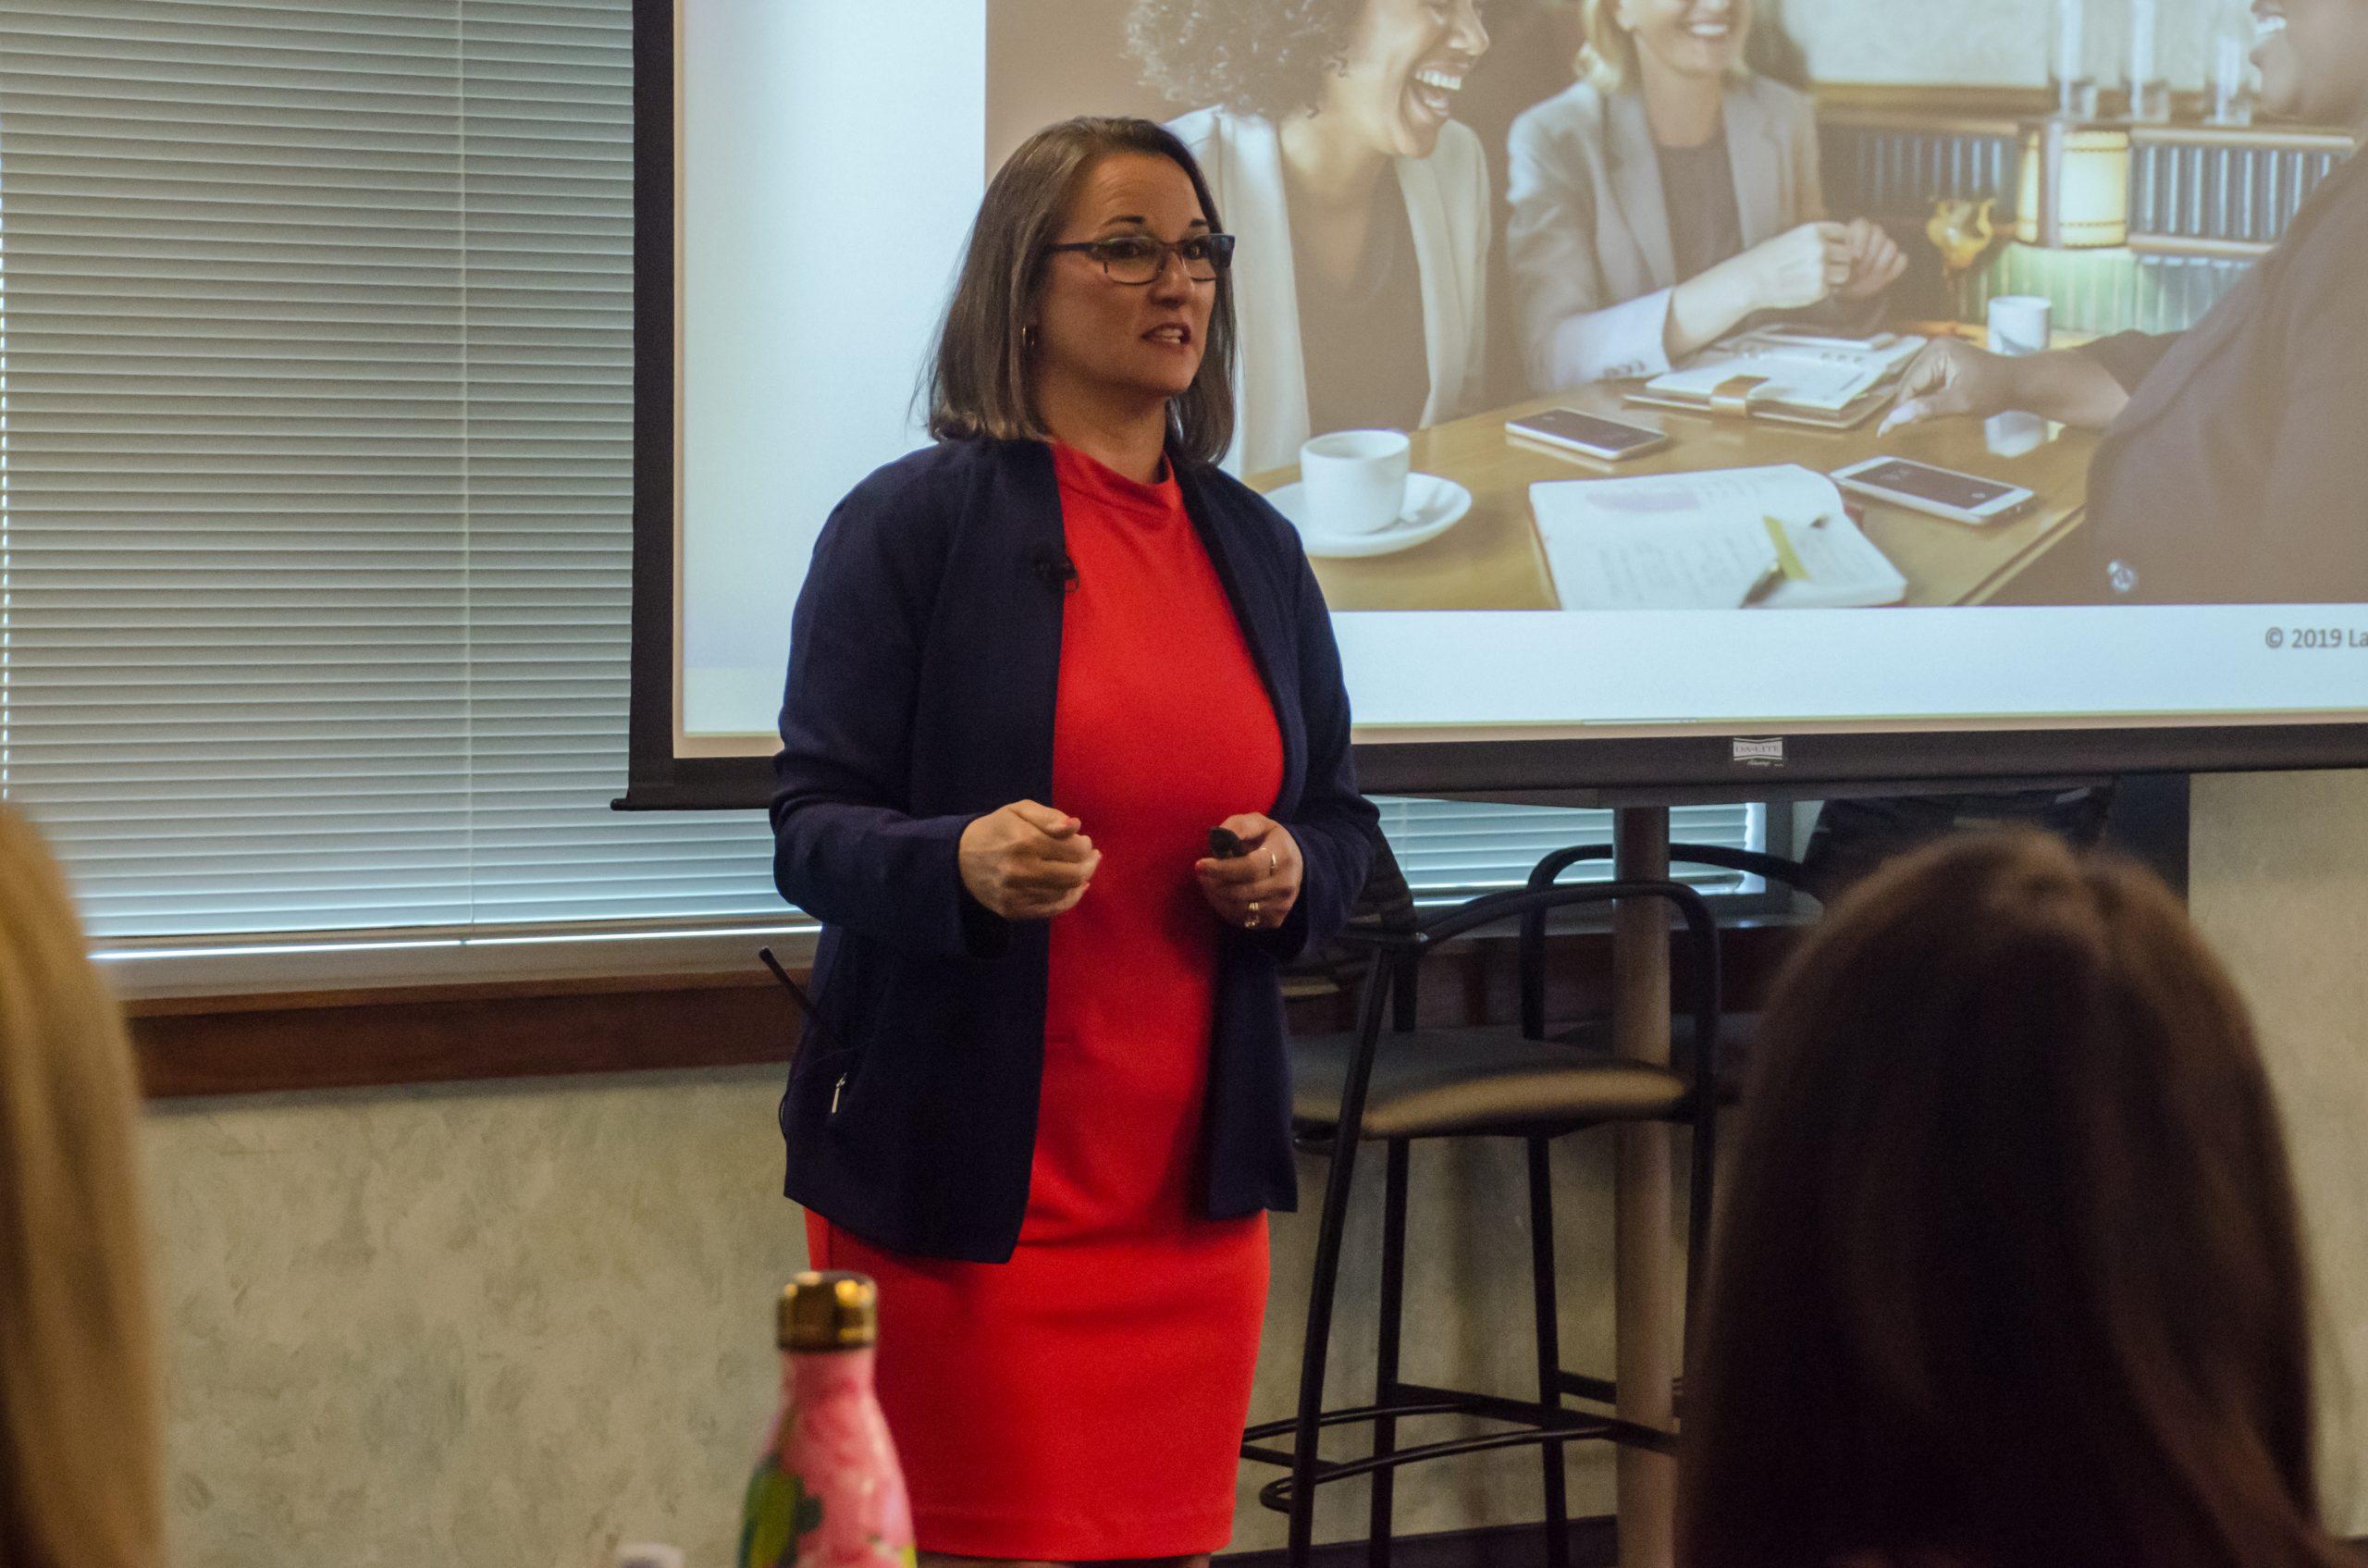 Laura speaking to corportate